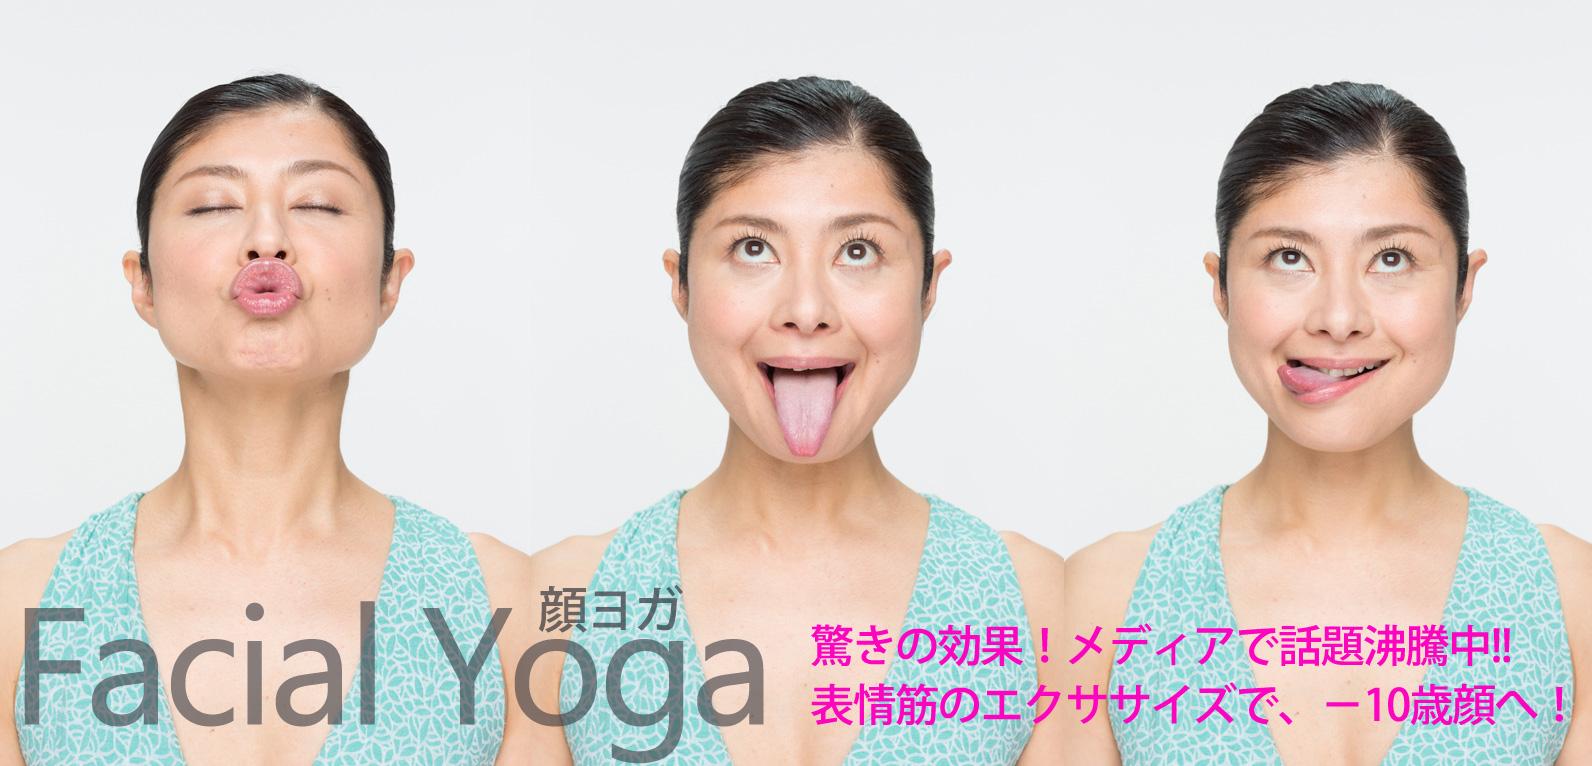 facialyoga_yoko